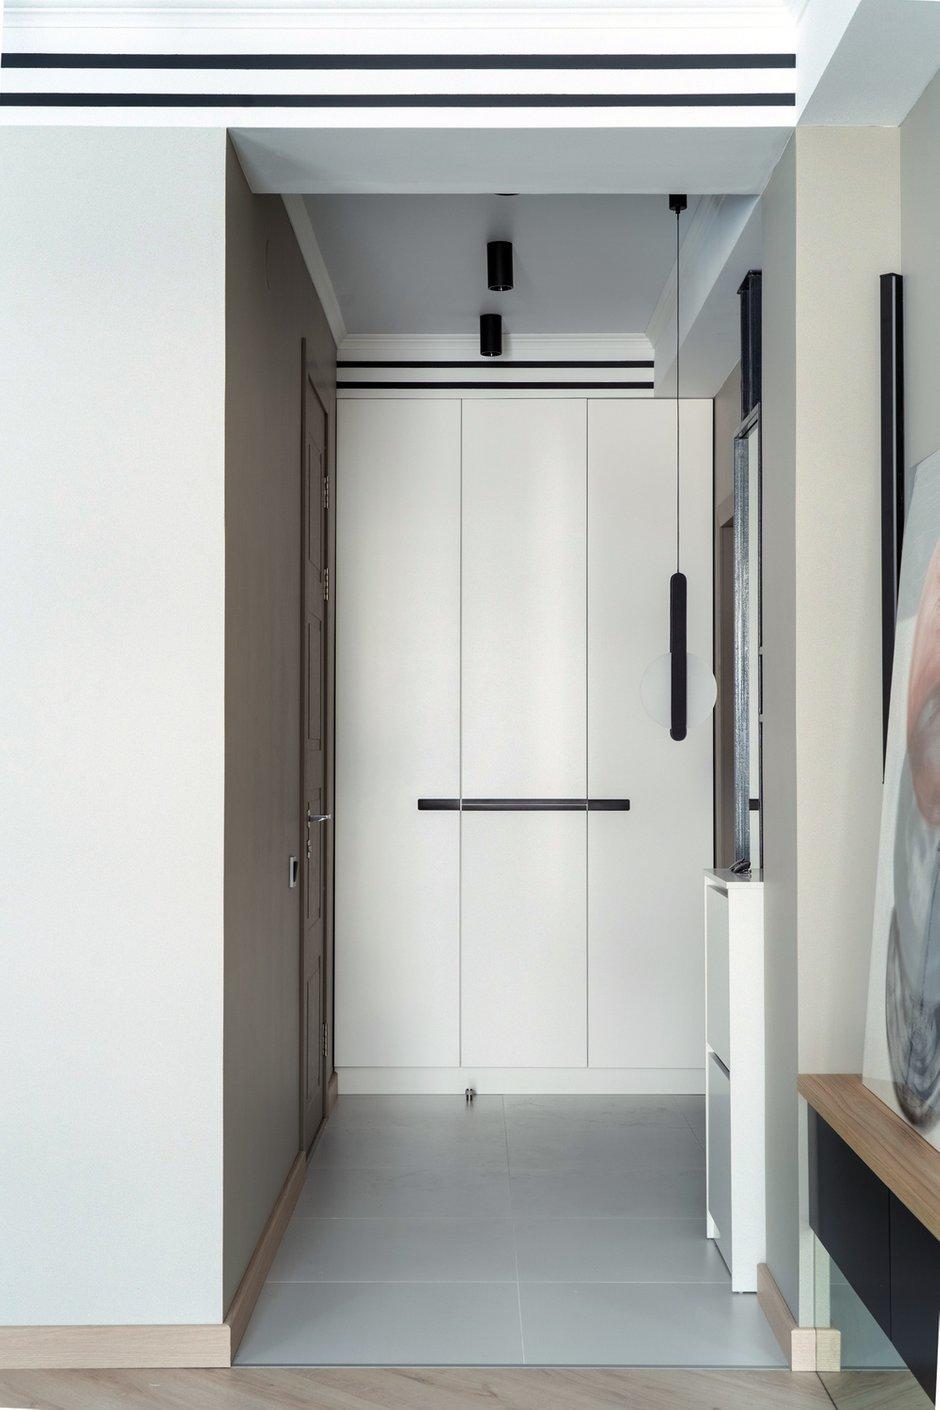 Фотография:  в стиле , Современный, Квартира, Проект недели, Эко, 3 комнаты, 60-90 метров, Алматы, Анна Аранович – фото на INMYROOM